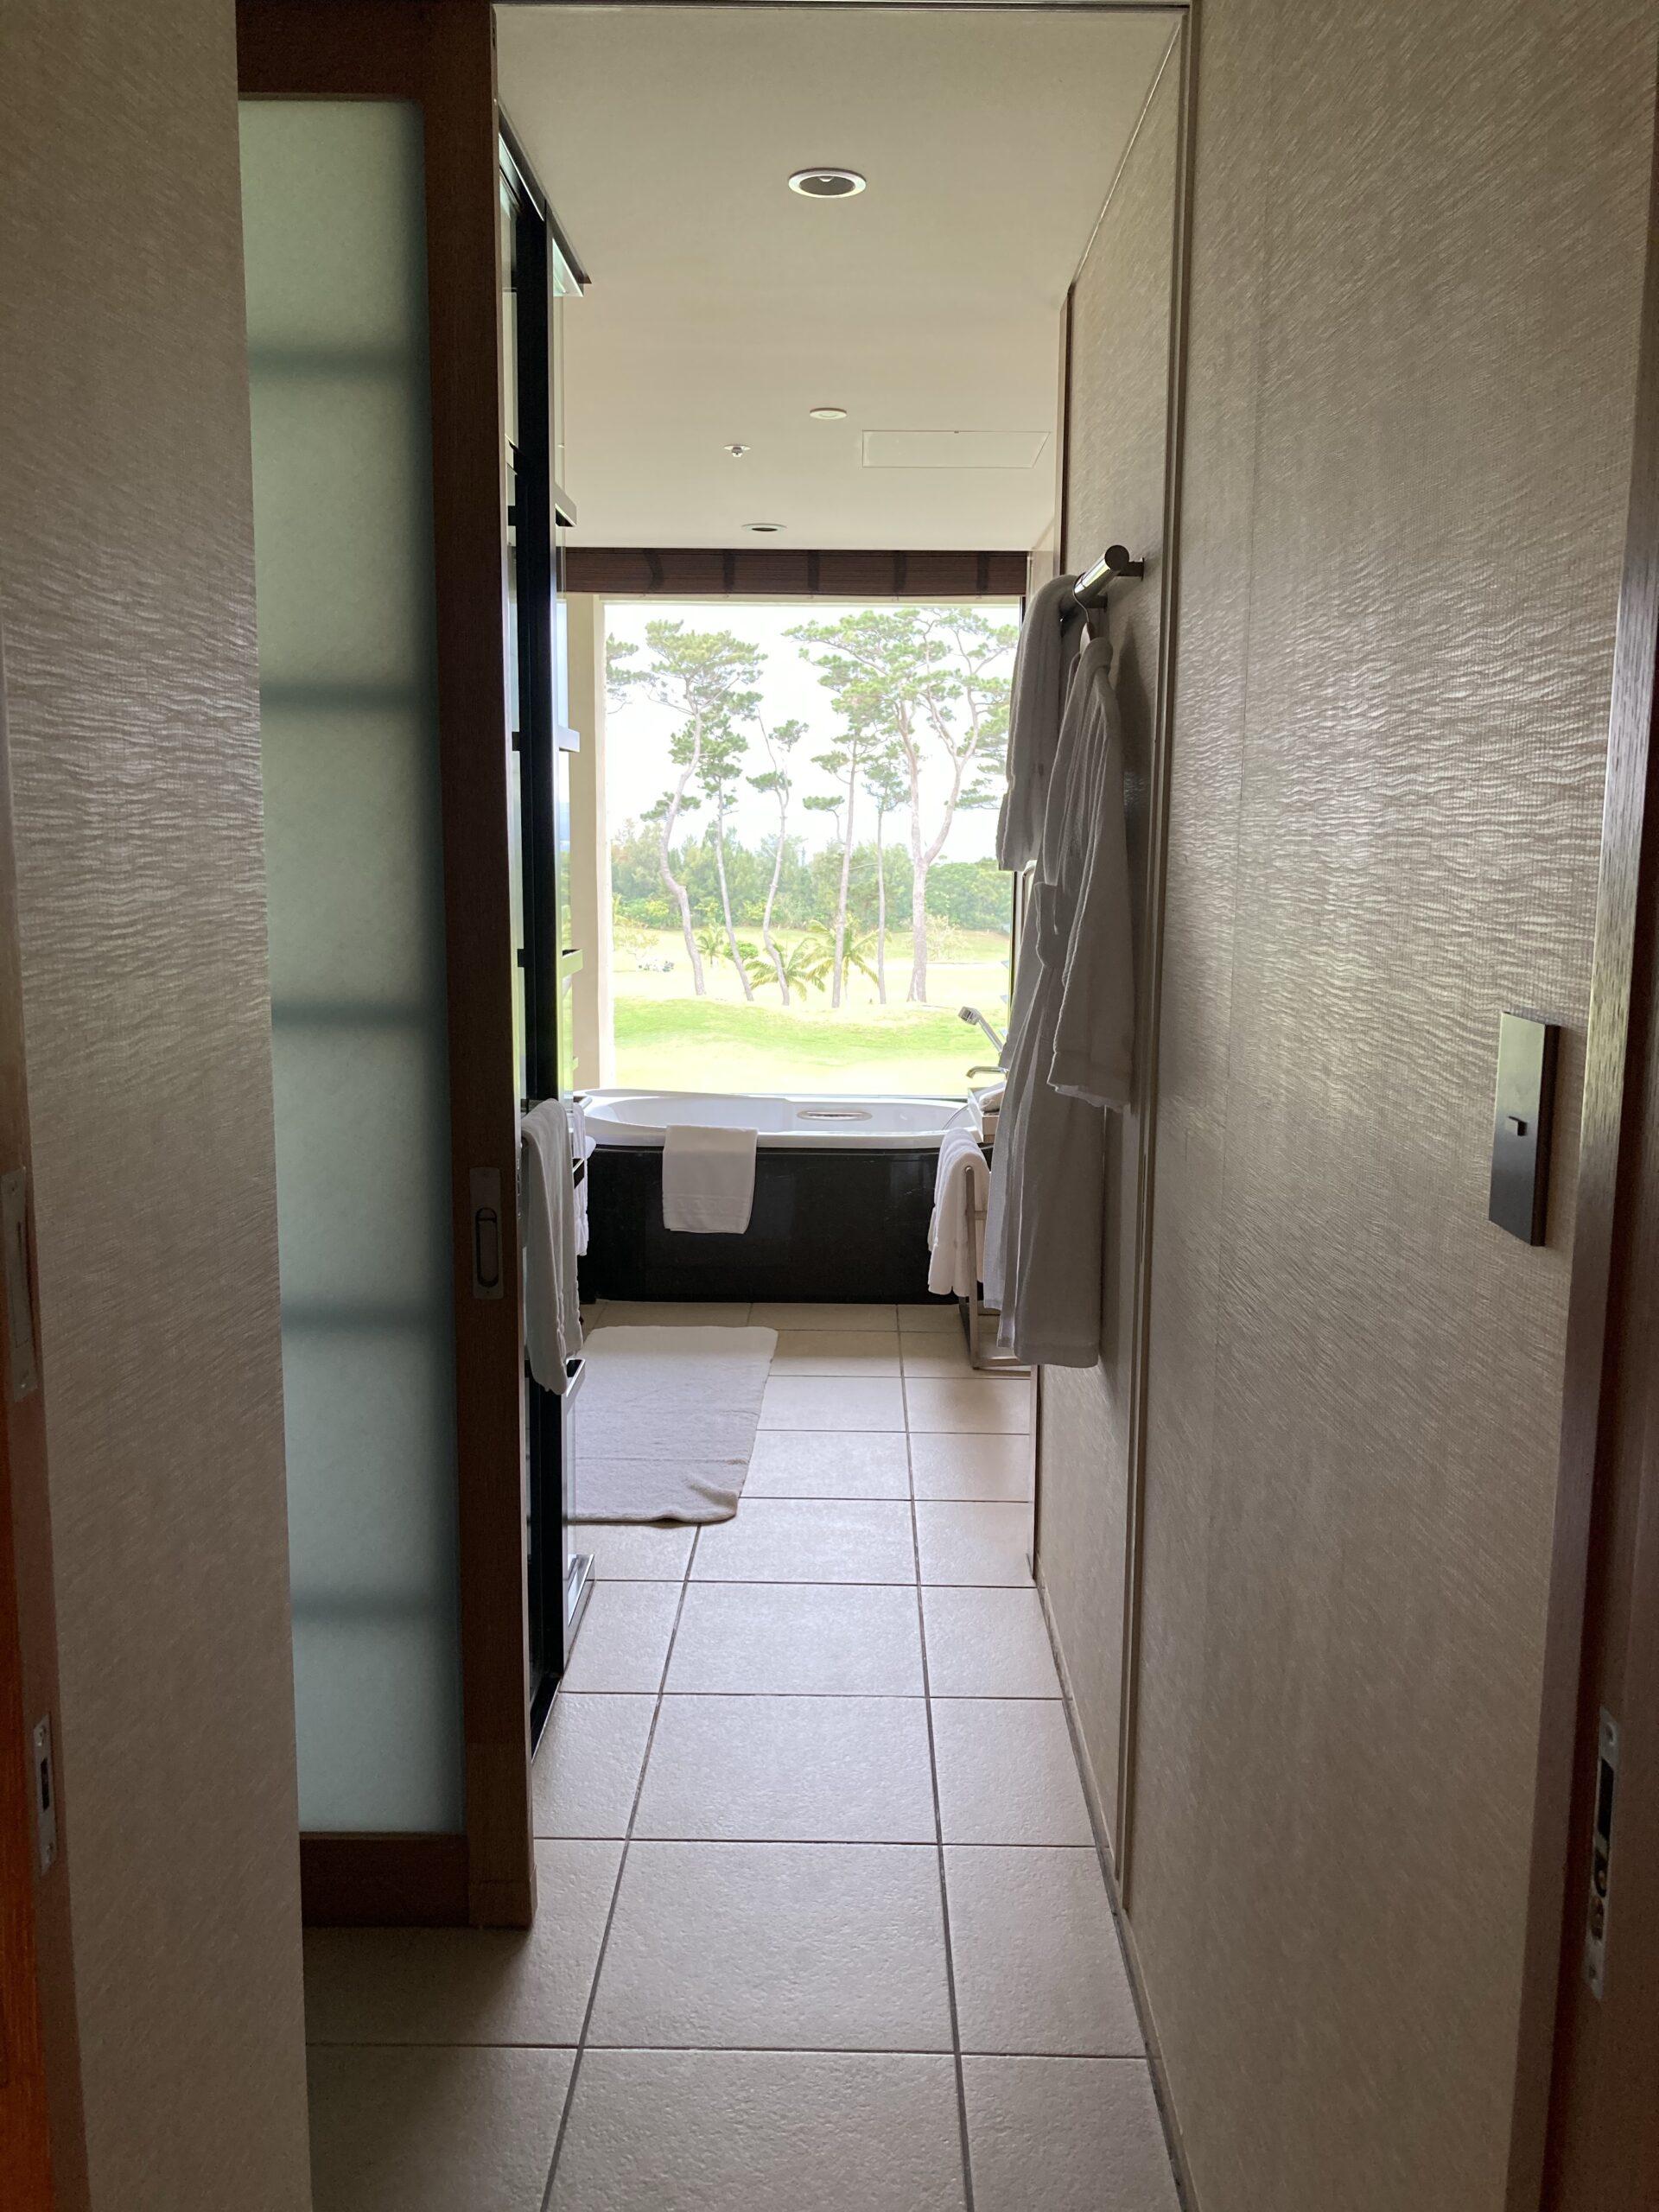 「ザリッツカールトン沖縄」デラックスルーム入口の写真